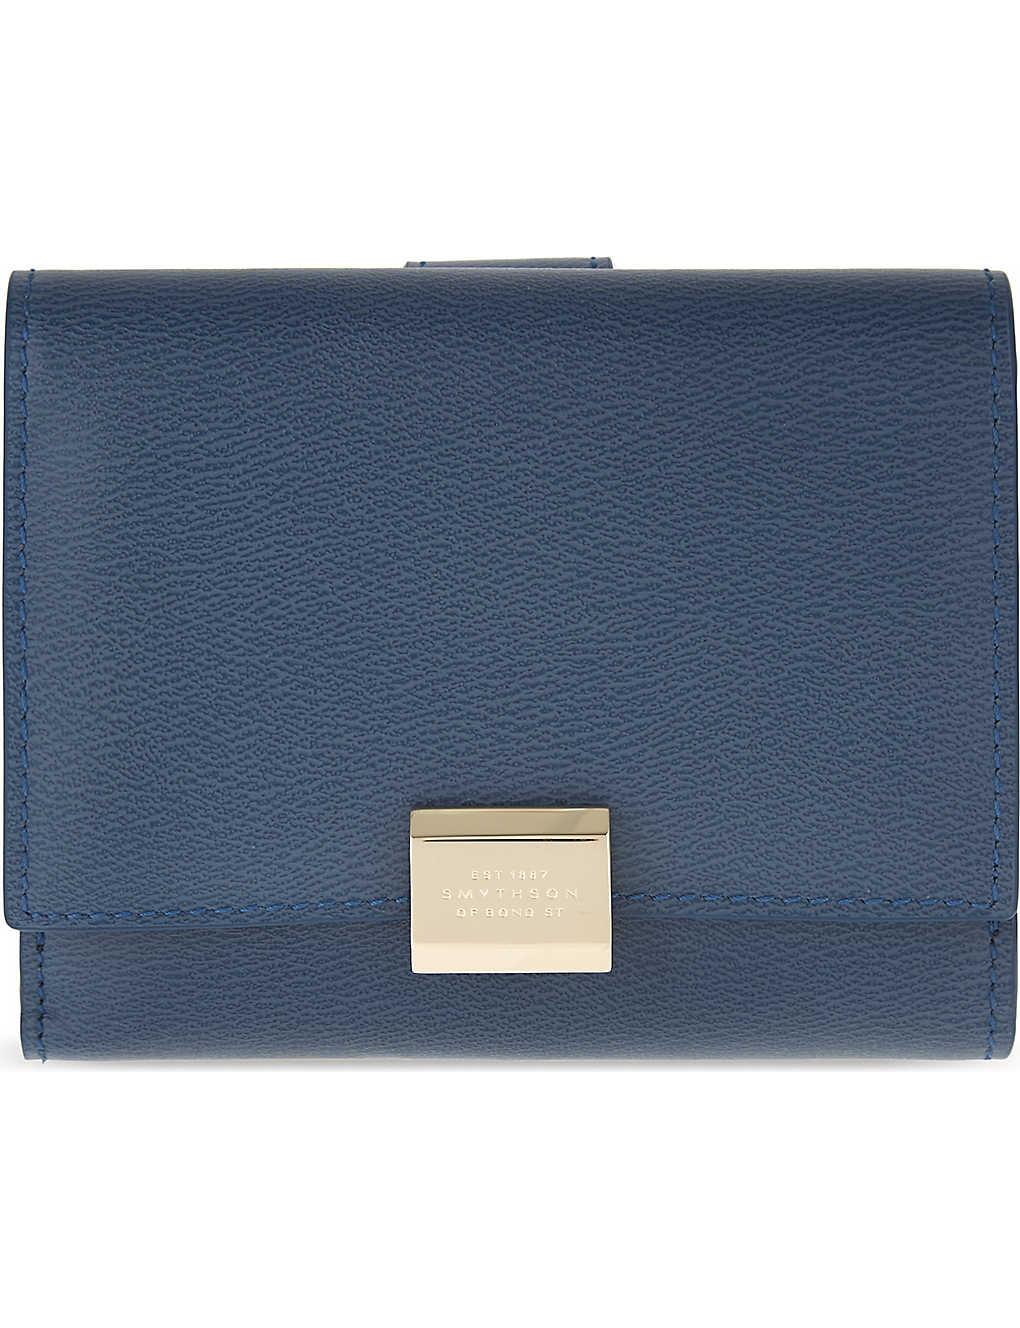 79e5041a159 SMYTHSON - Grosvenor leather purse   Selfridges.com